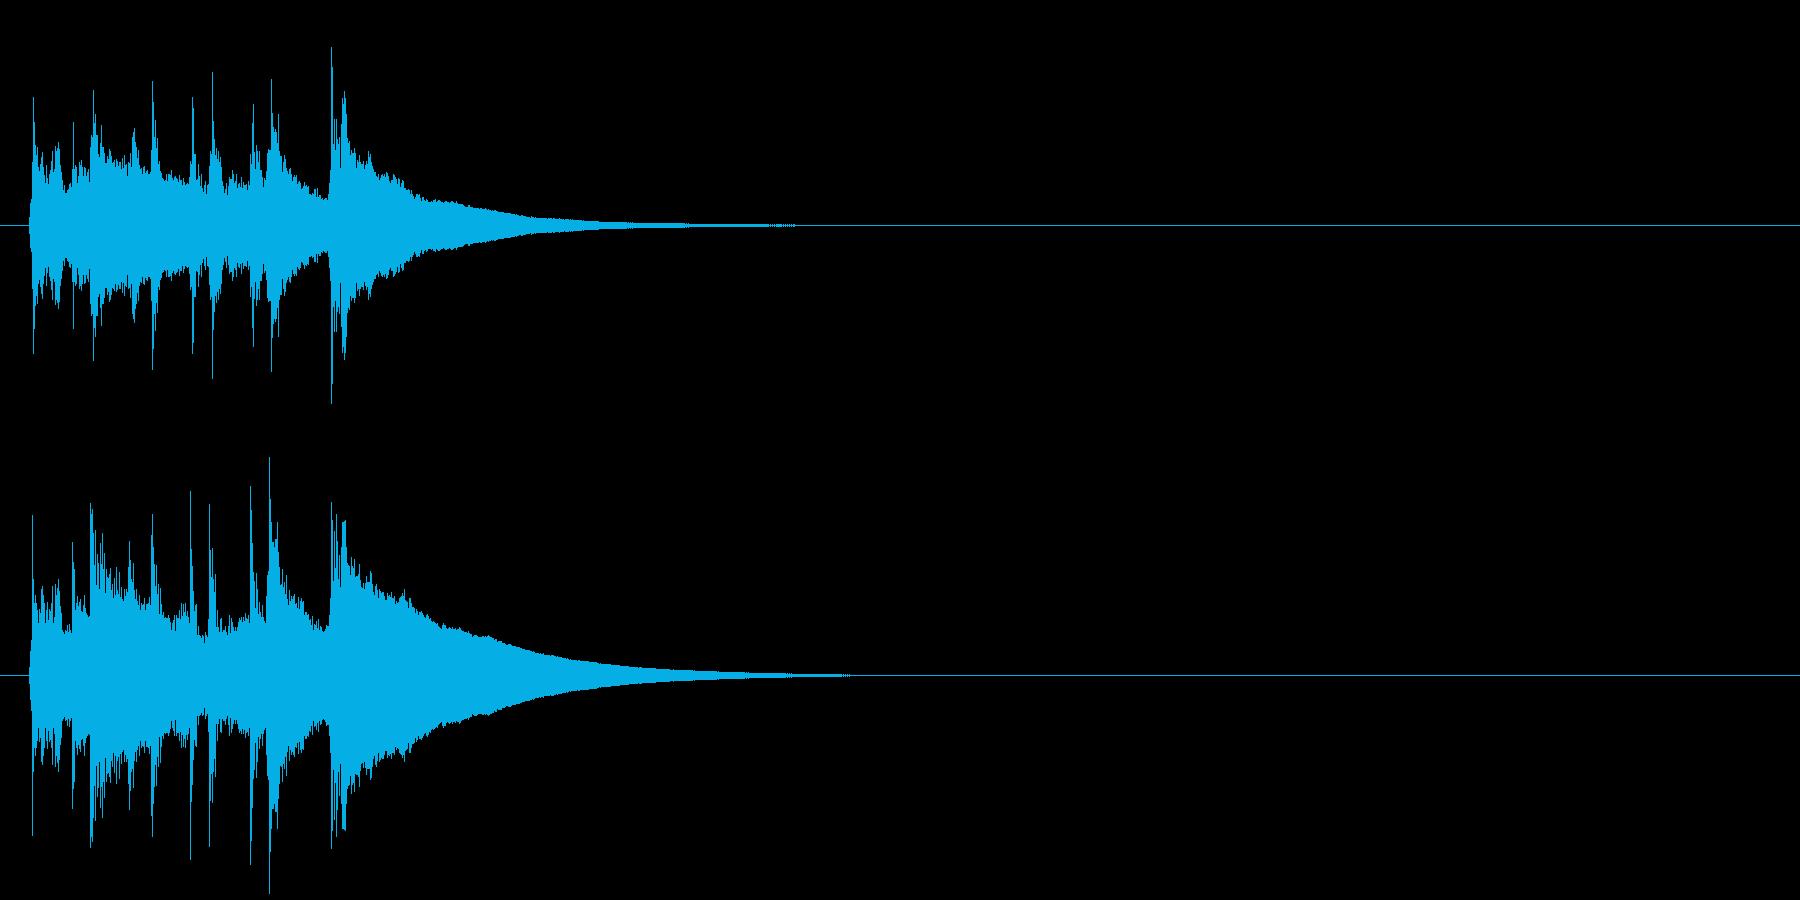 ジングル/コミカル(ズッコケ/阿波踊り)の再生済みの波形